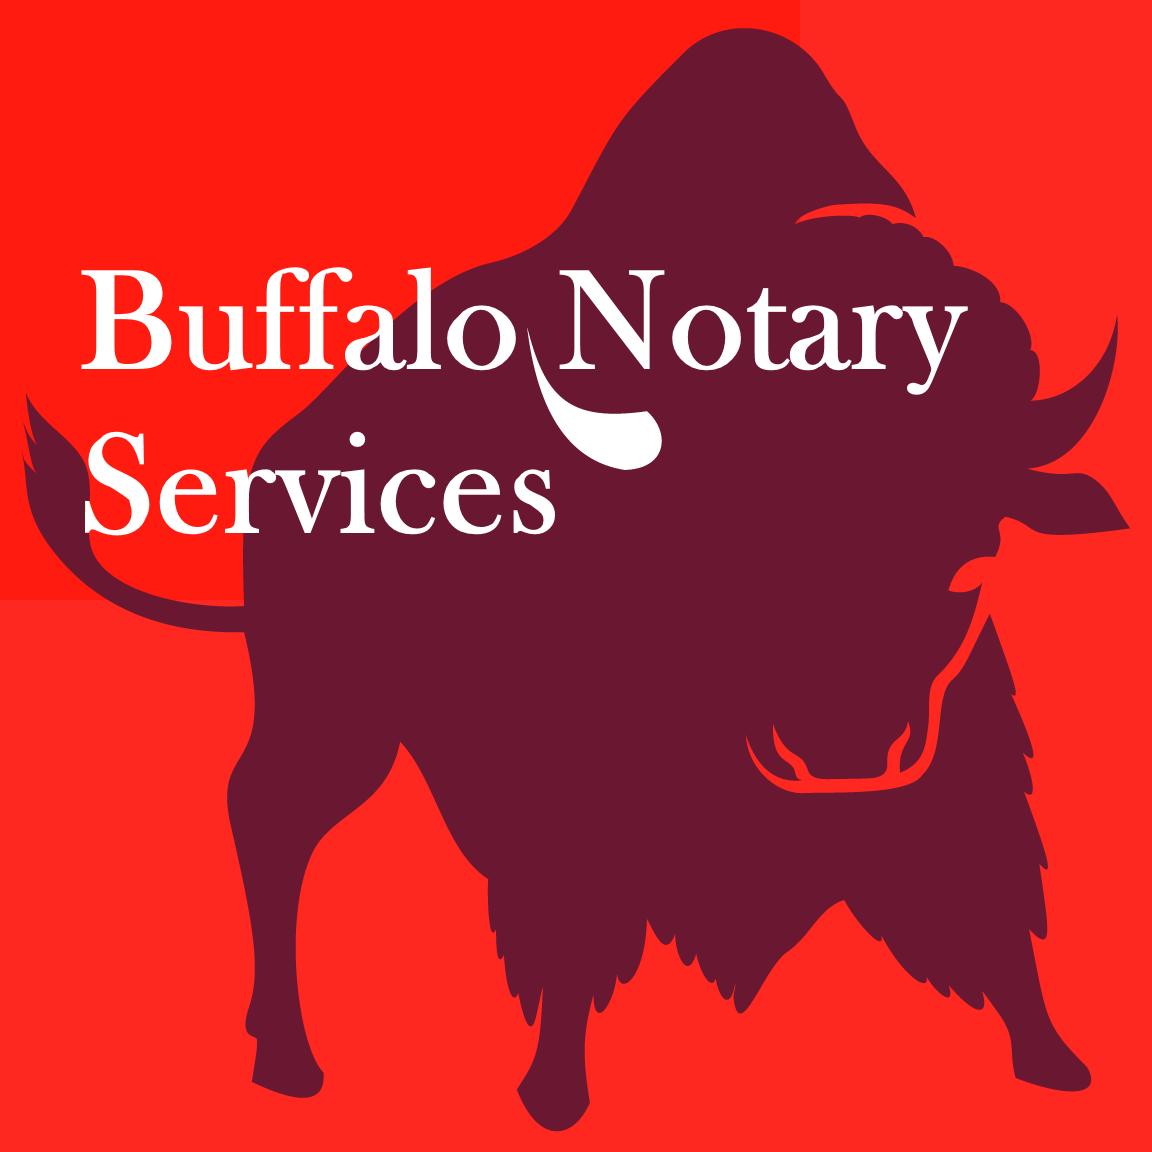 Buffalo Notary Services, Buffalo, NY  716-344-6314